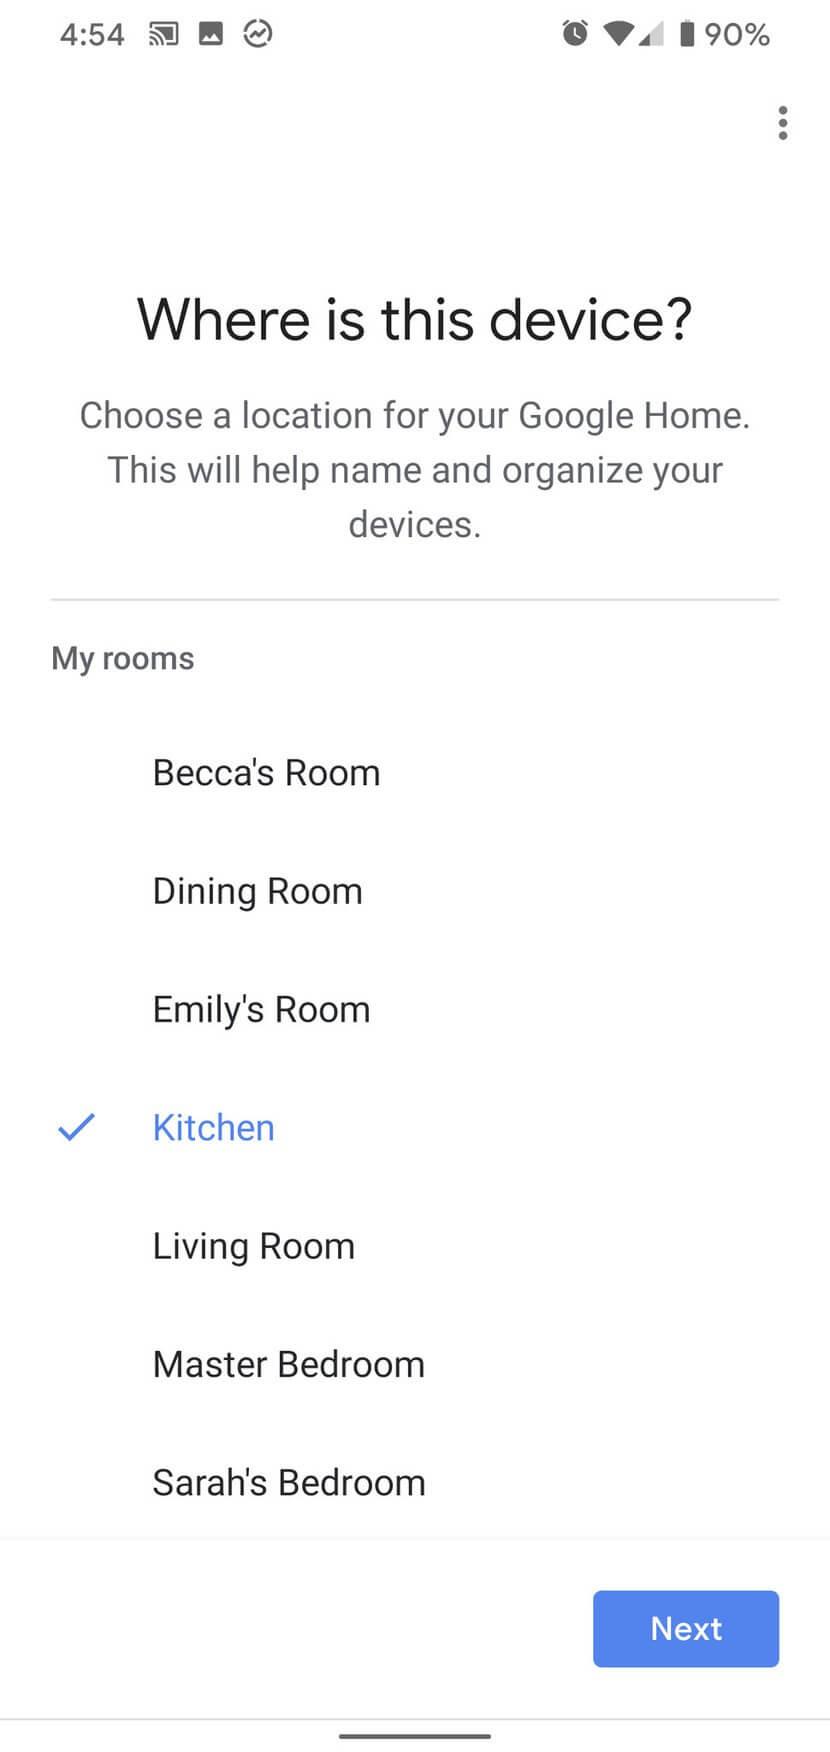 Chọn phòng đặt loa Google Home